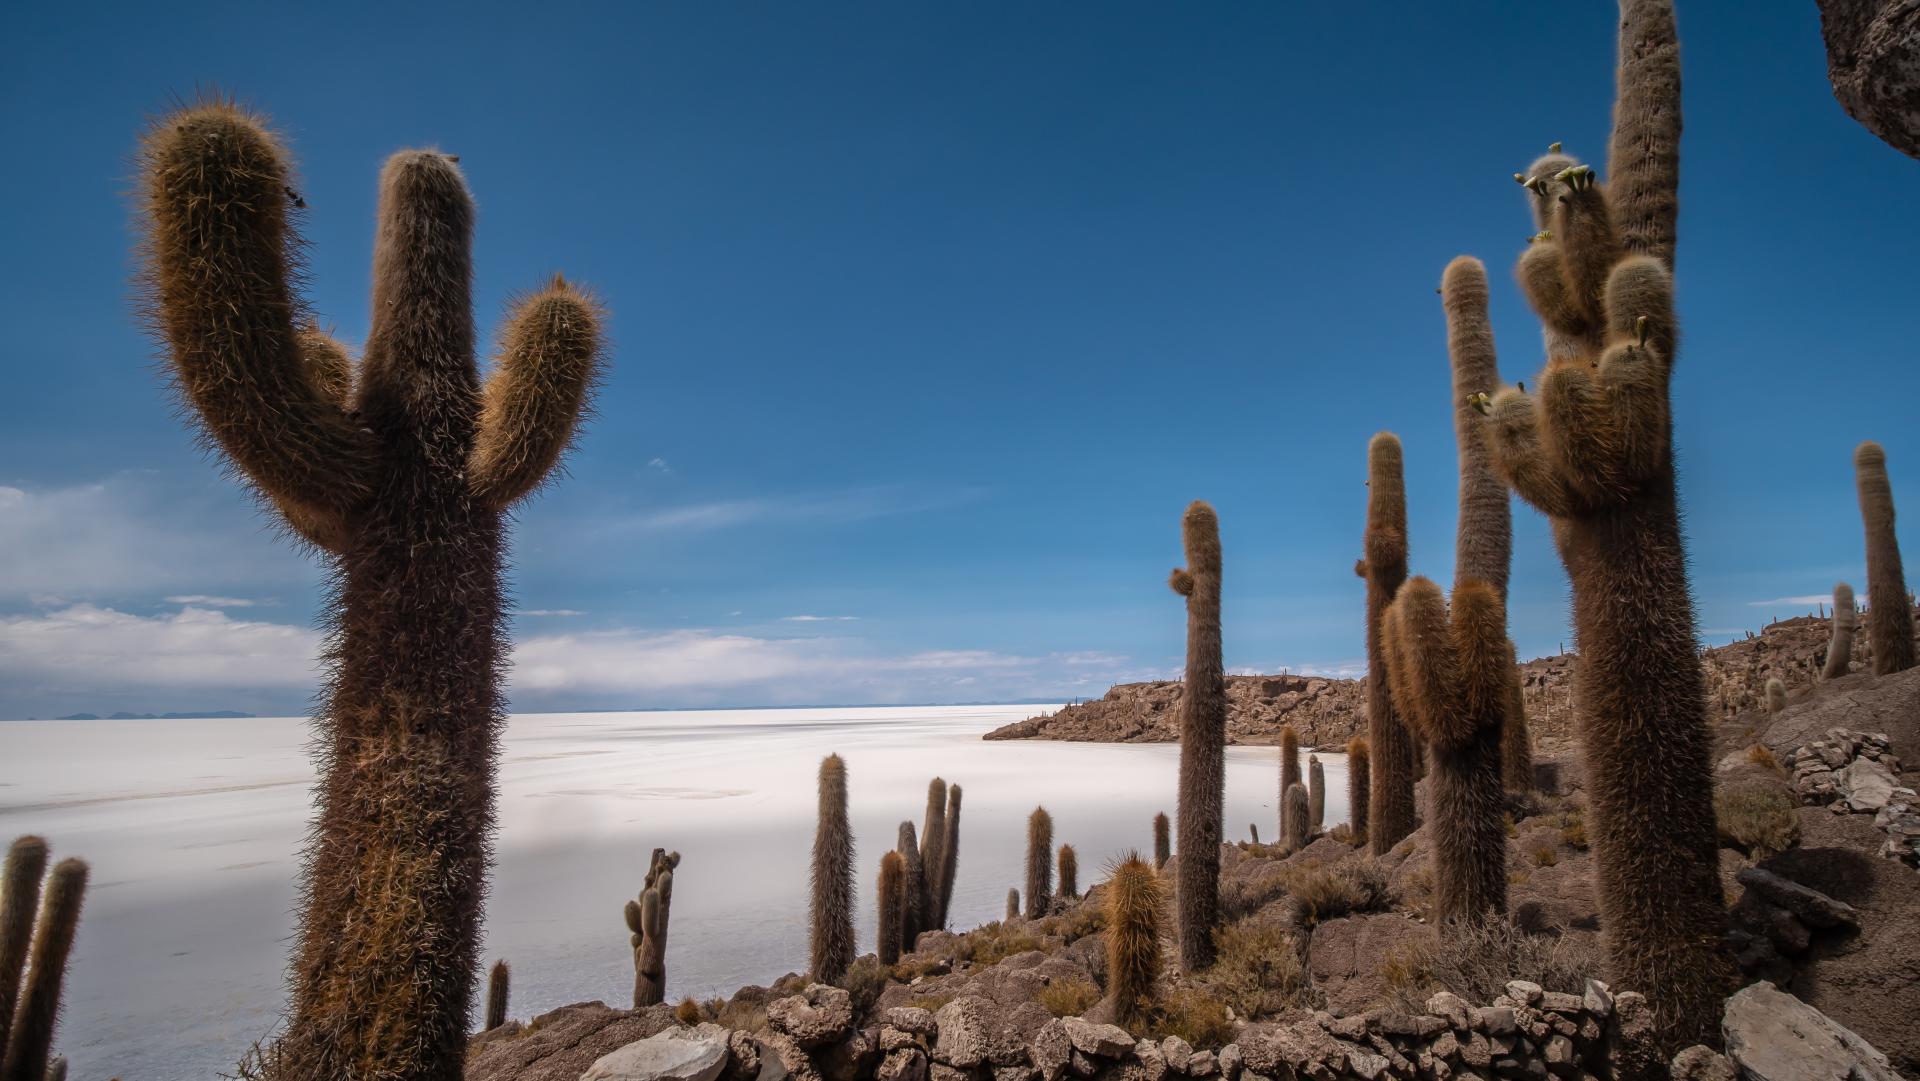 Erleben Sie Bolivien mit seinen unterschiedlichen Regionen auf einer ganz besonderen Rundreise